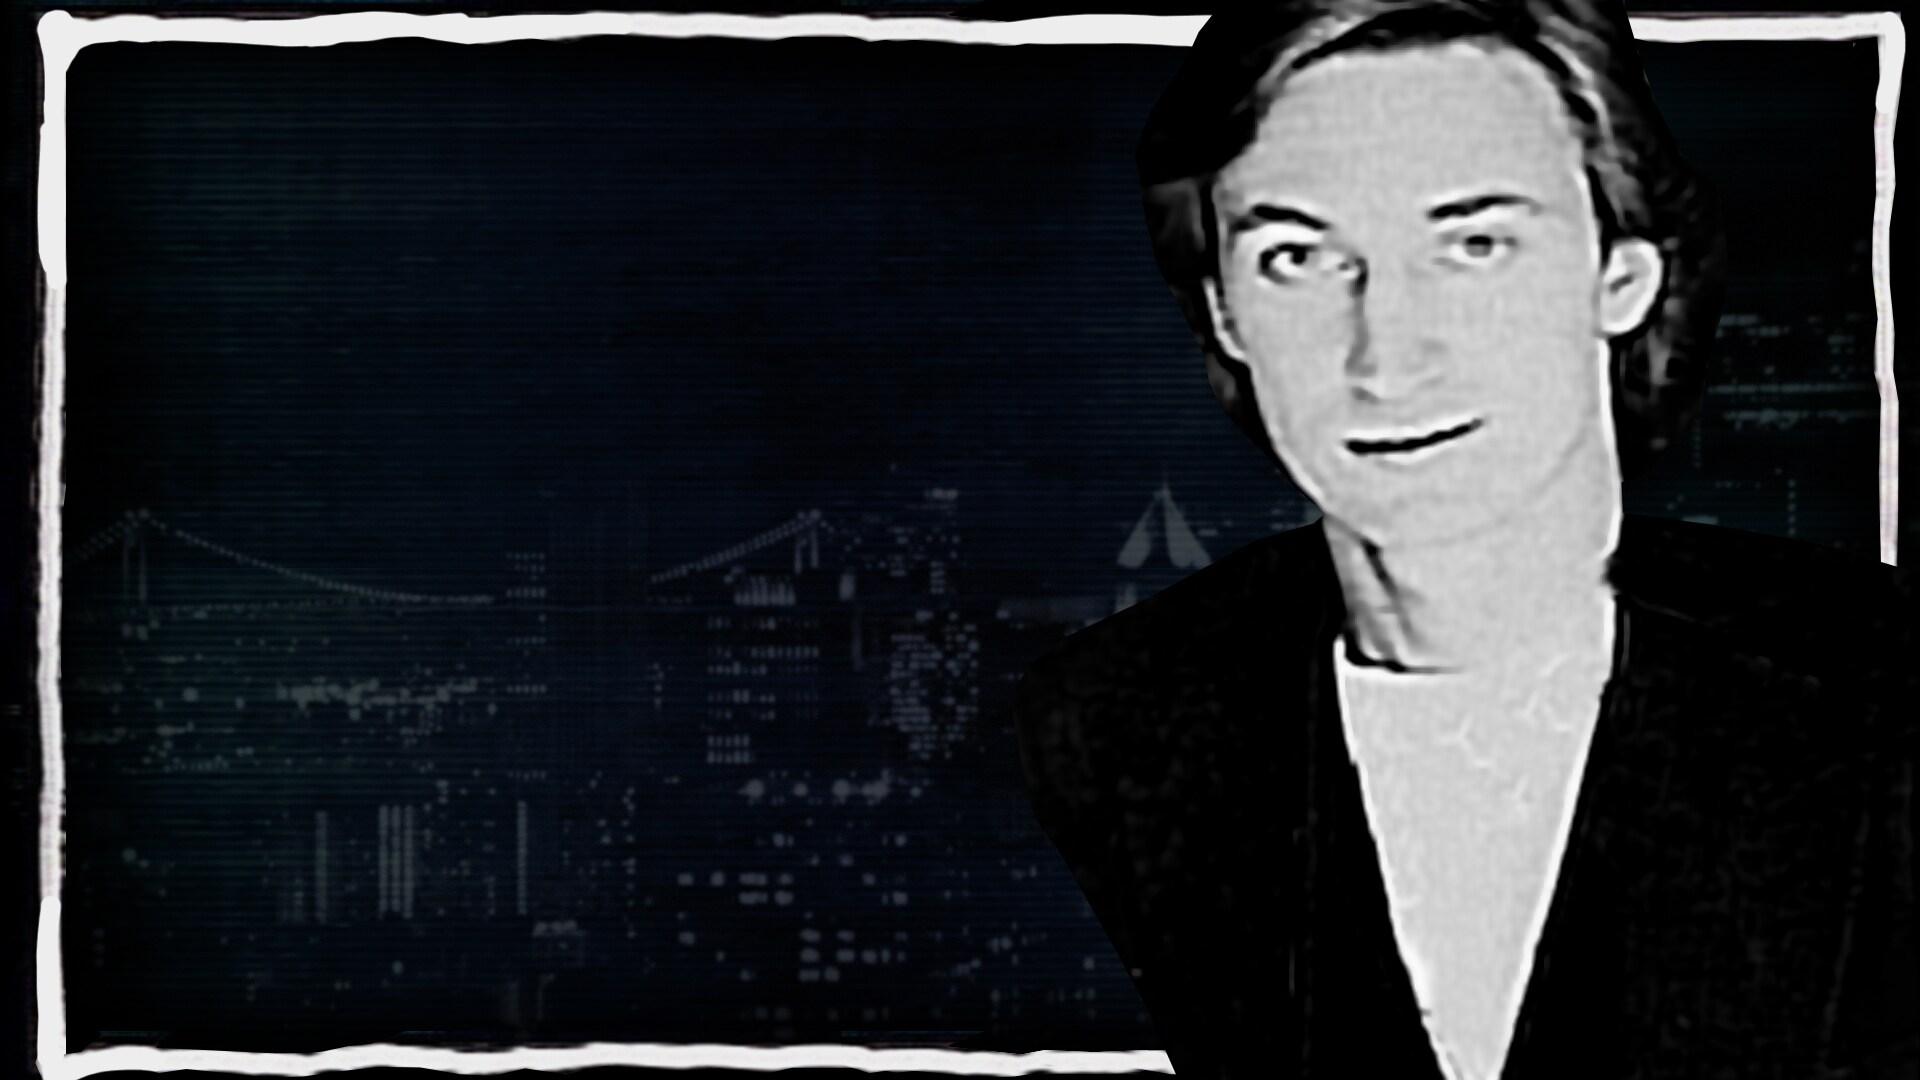 Wayne Gretzky: May 13, 1989